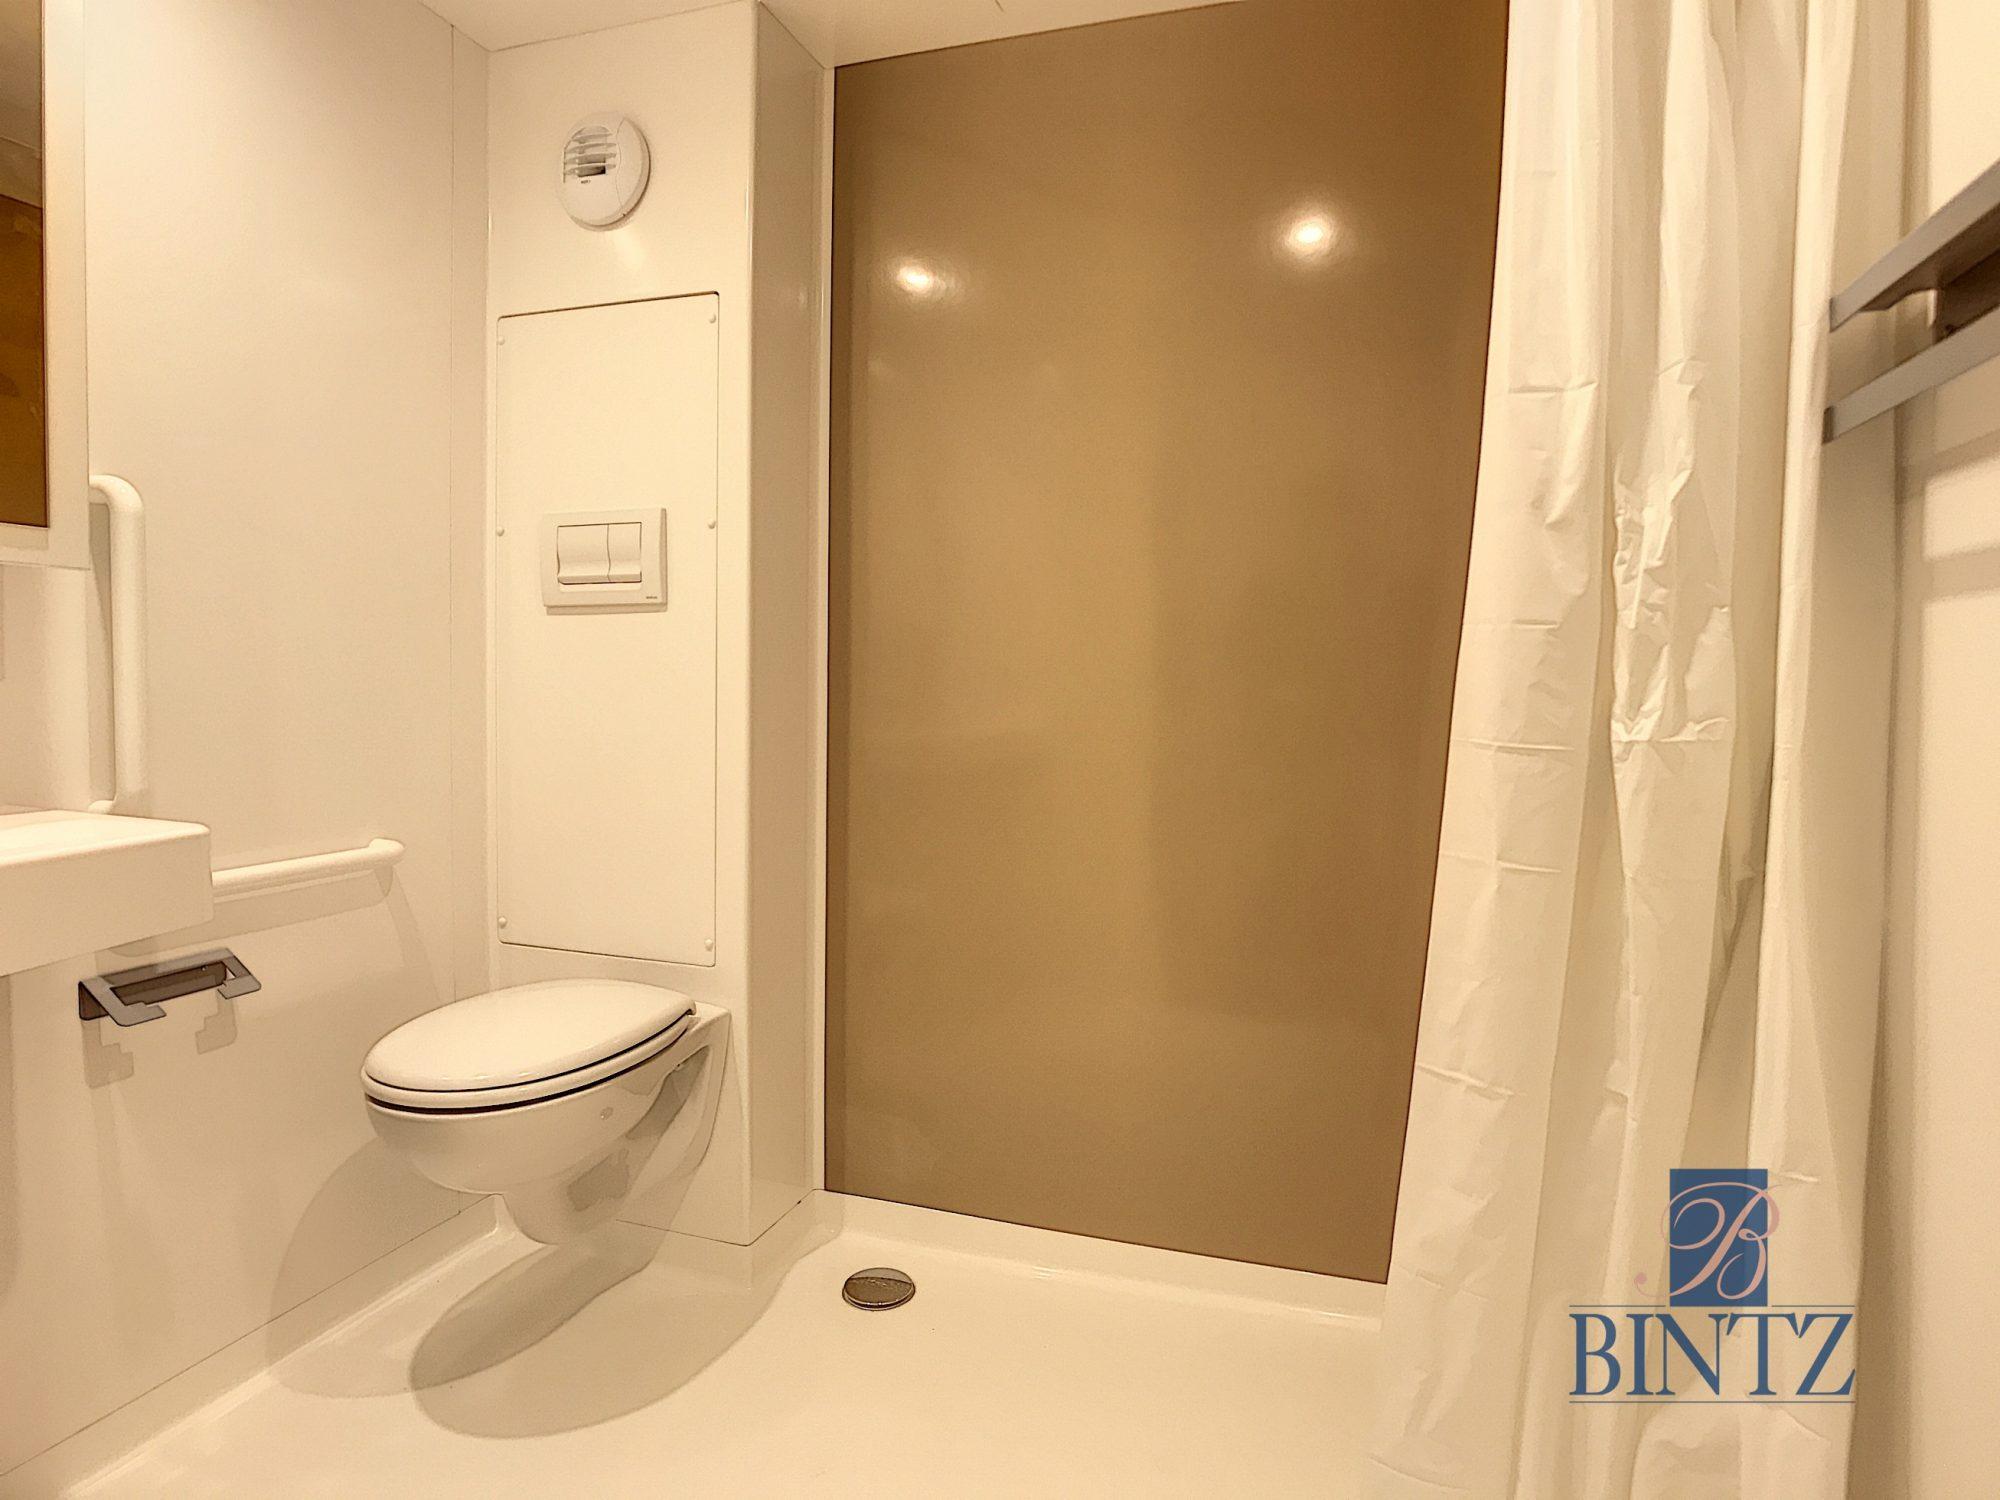 Studio dans résidence neuve - Devenez locataire en toute sérénité - Bintz Immobilier - 4